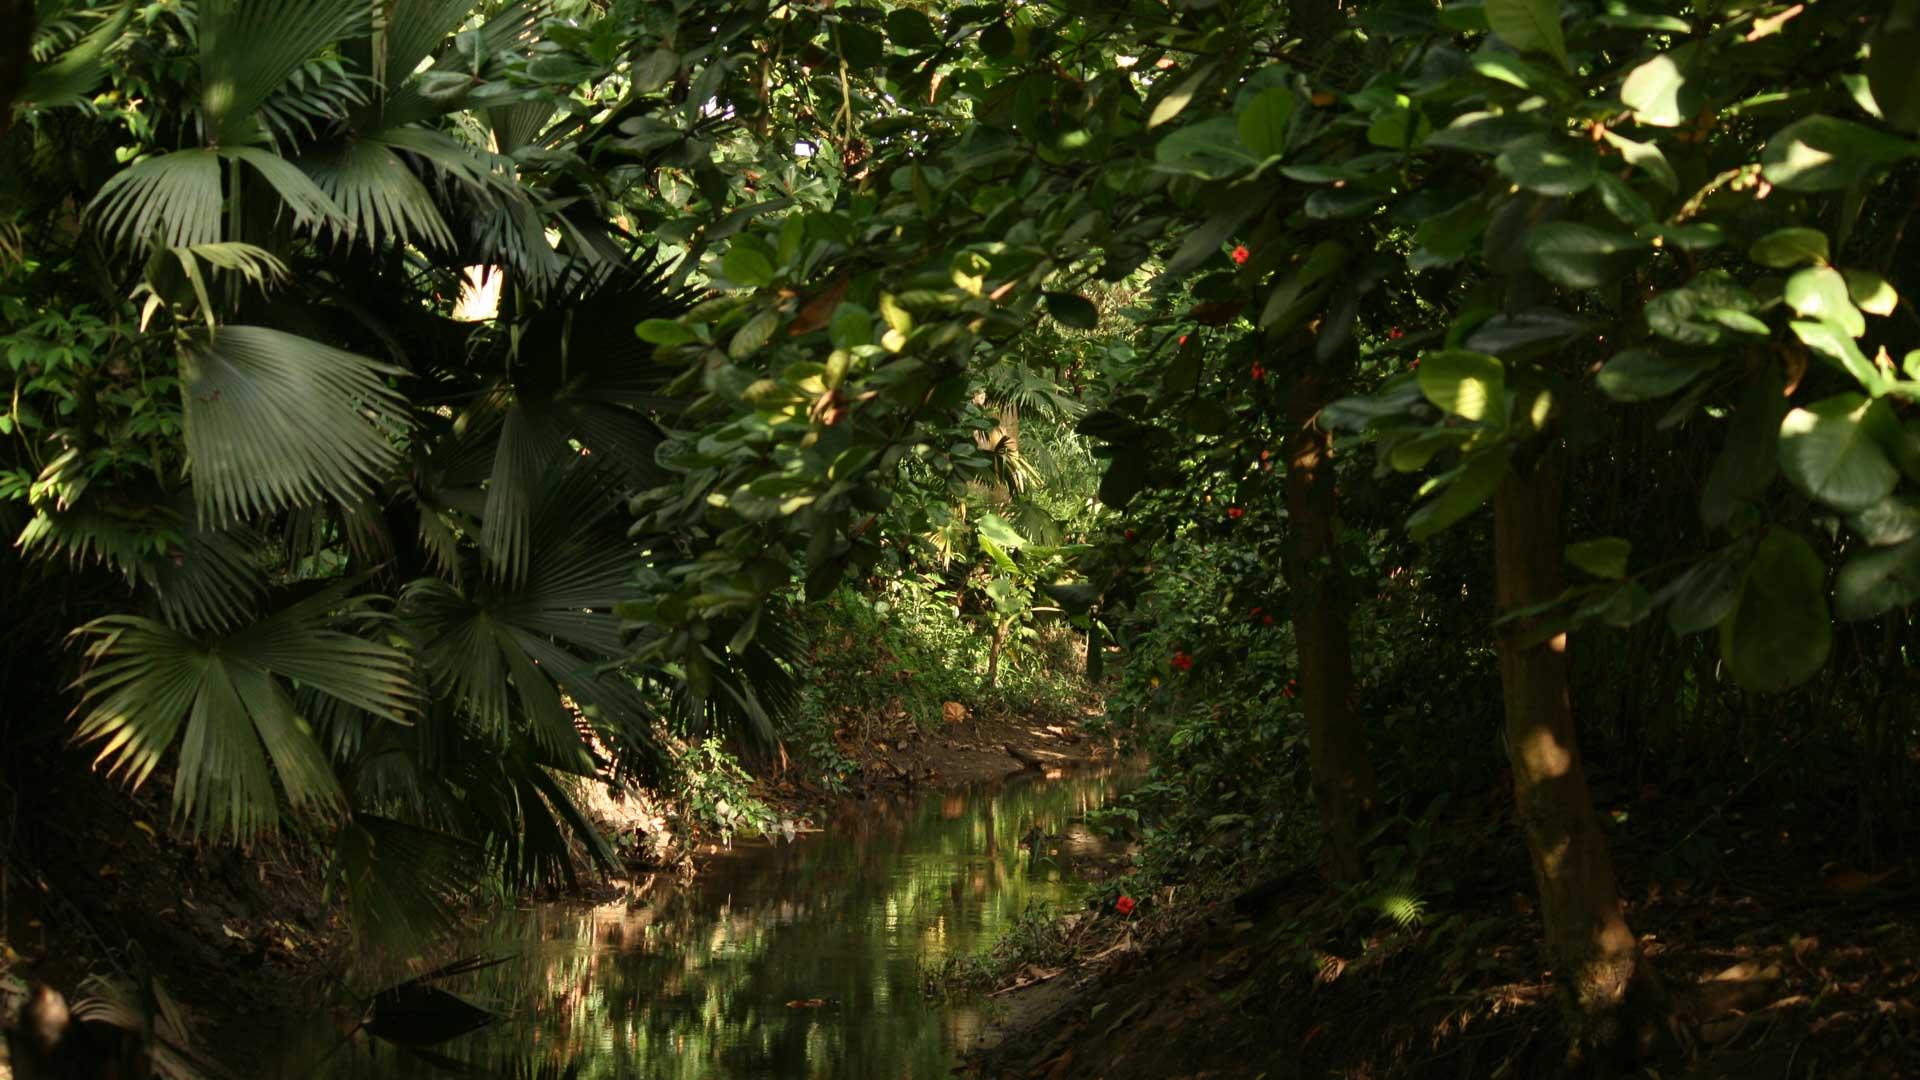 konventionellen Bananen nachhaltiger produzieren. © Denis Ünver / WWF